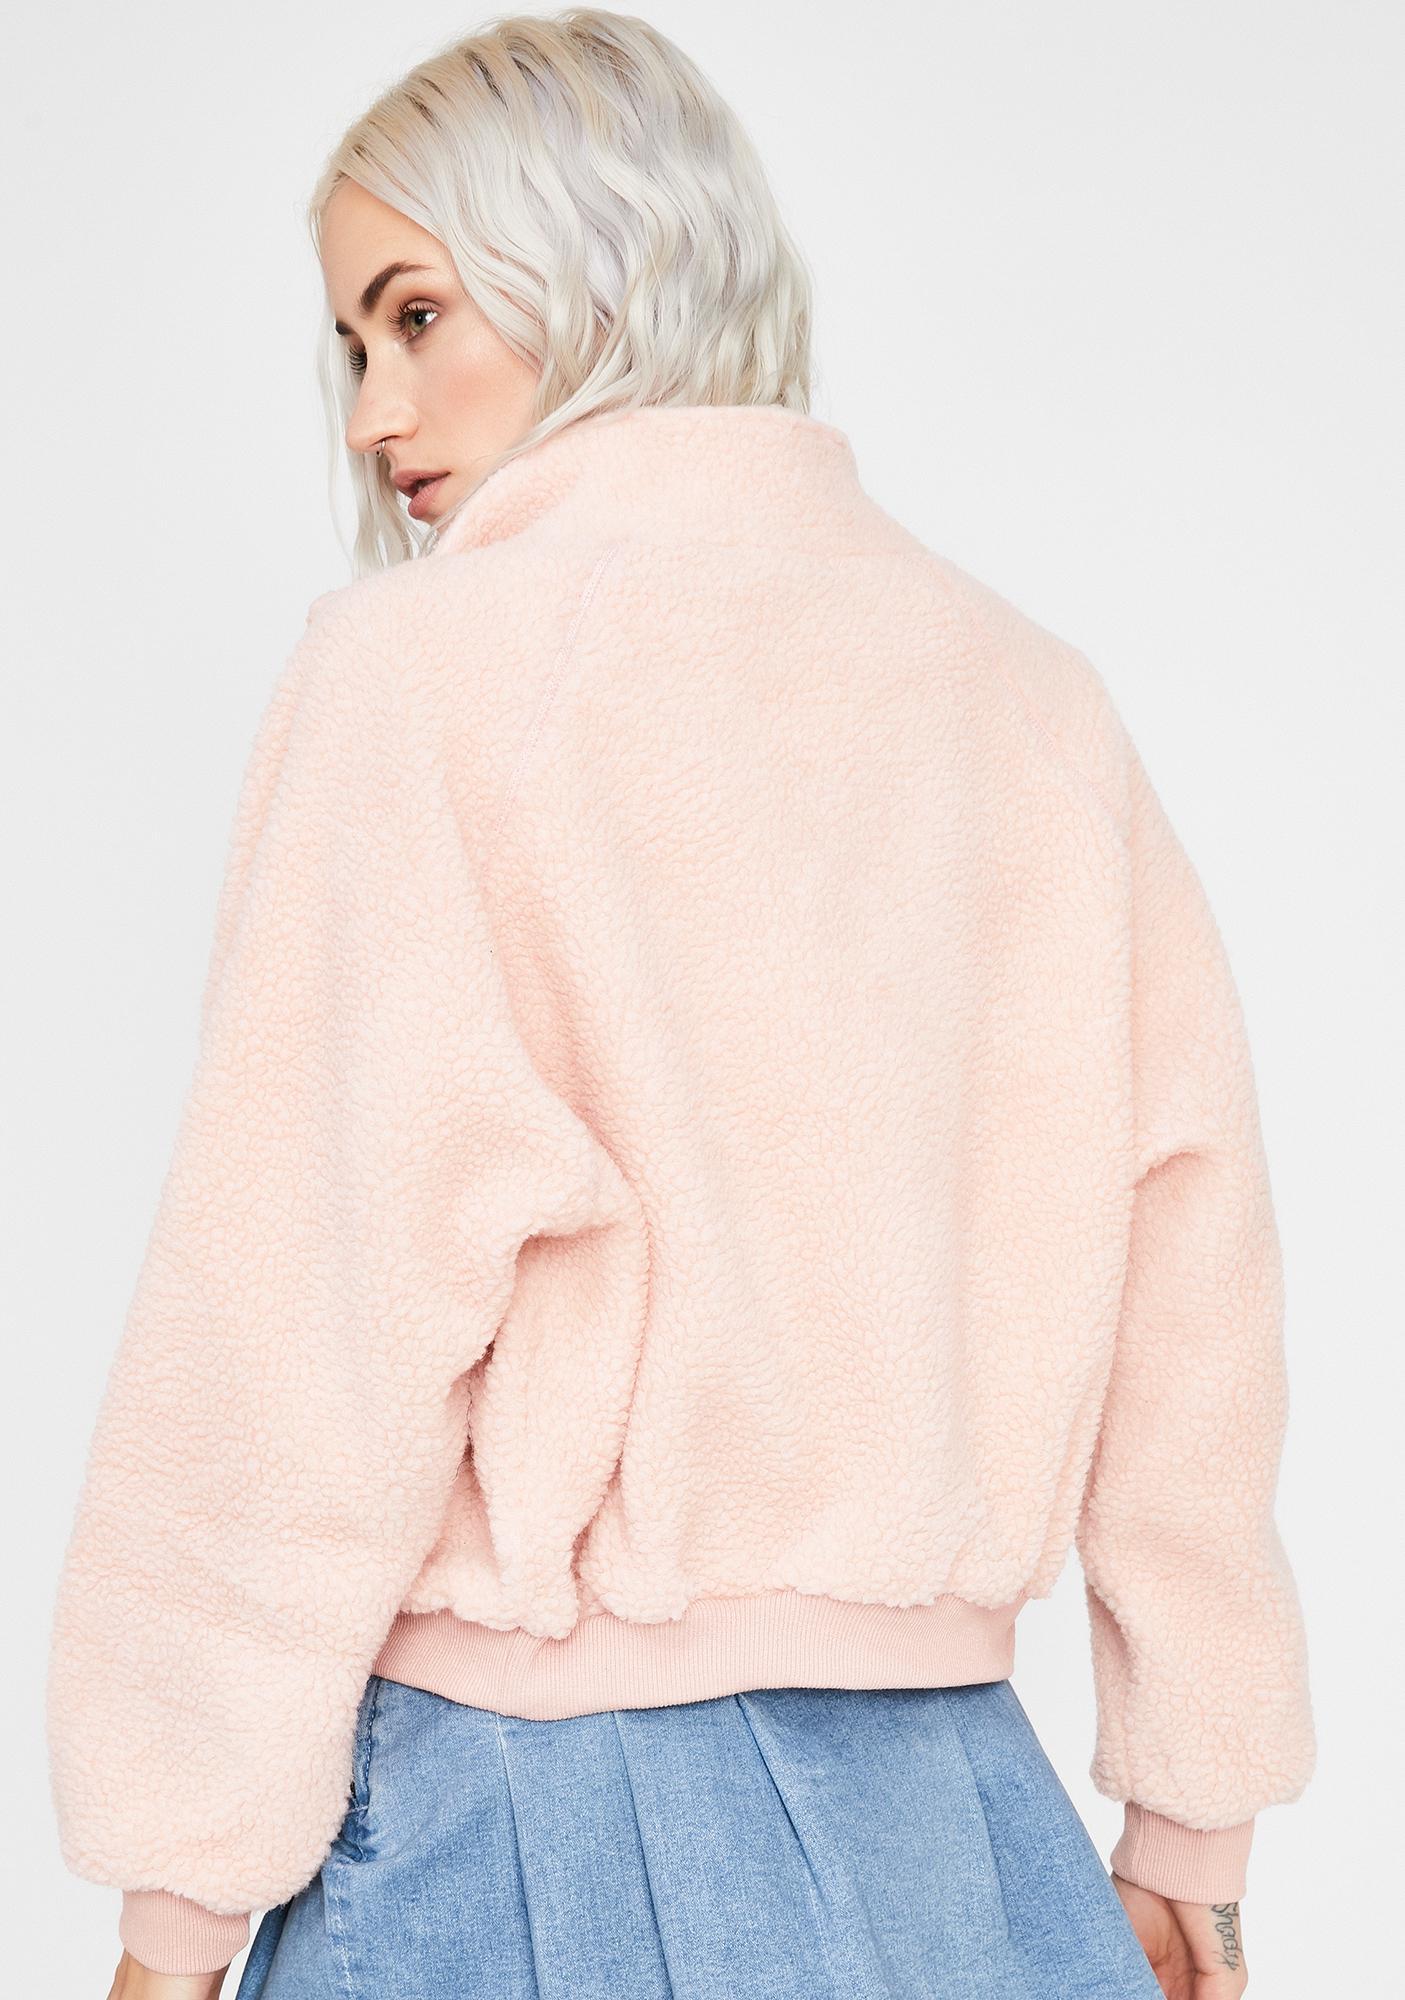 Blush Take Me Home Sherpa Jacket